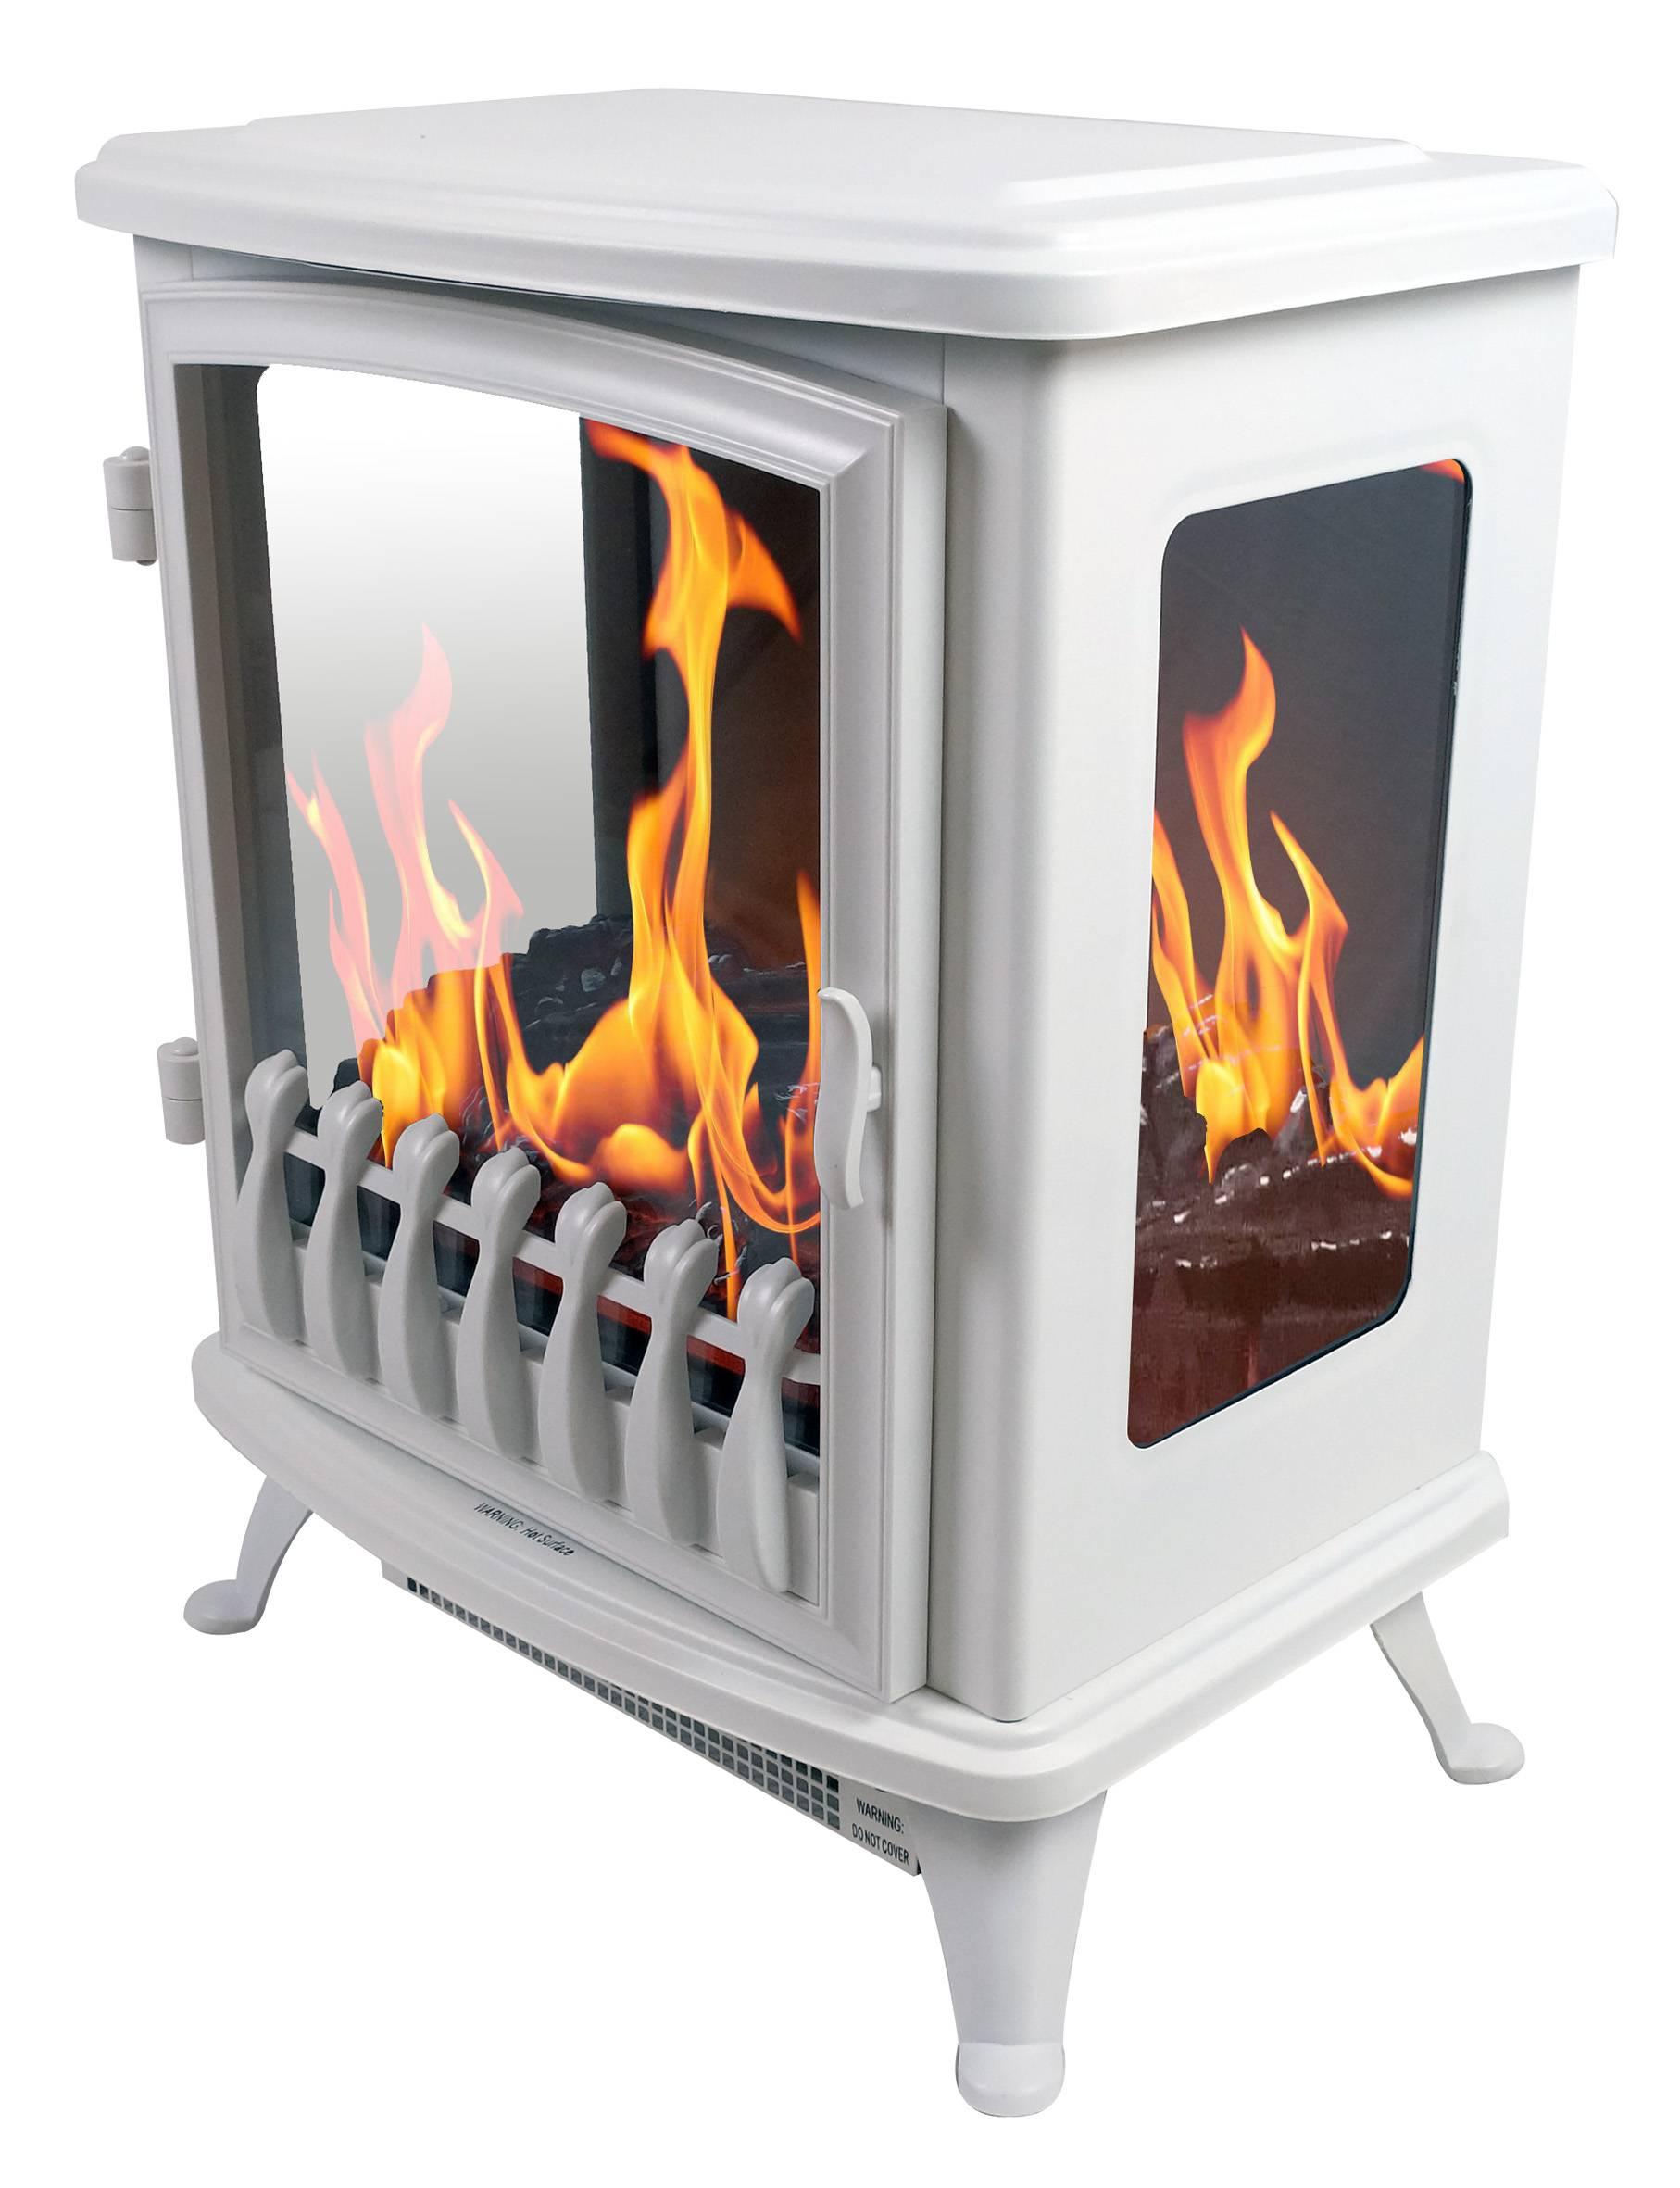 cheminee electrique blanche affordable dimplex stack chemine tagre noire blanche et bois et. Black Bedroom Furniture Sets. Home Design Ideas